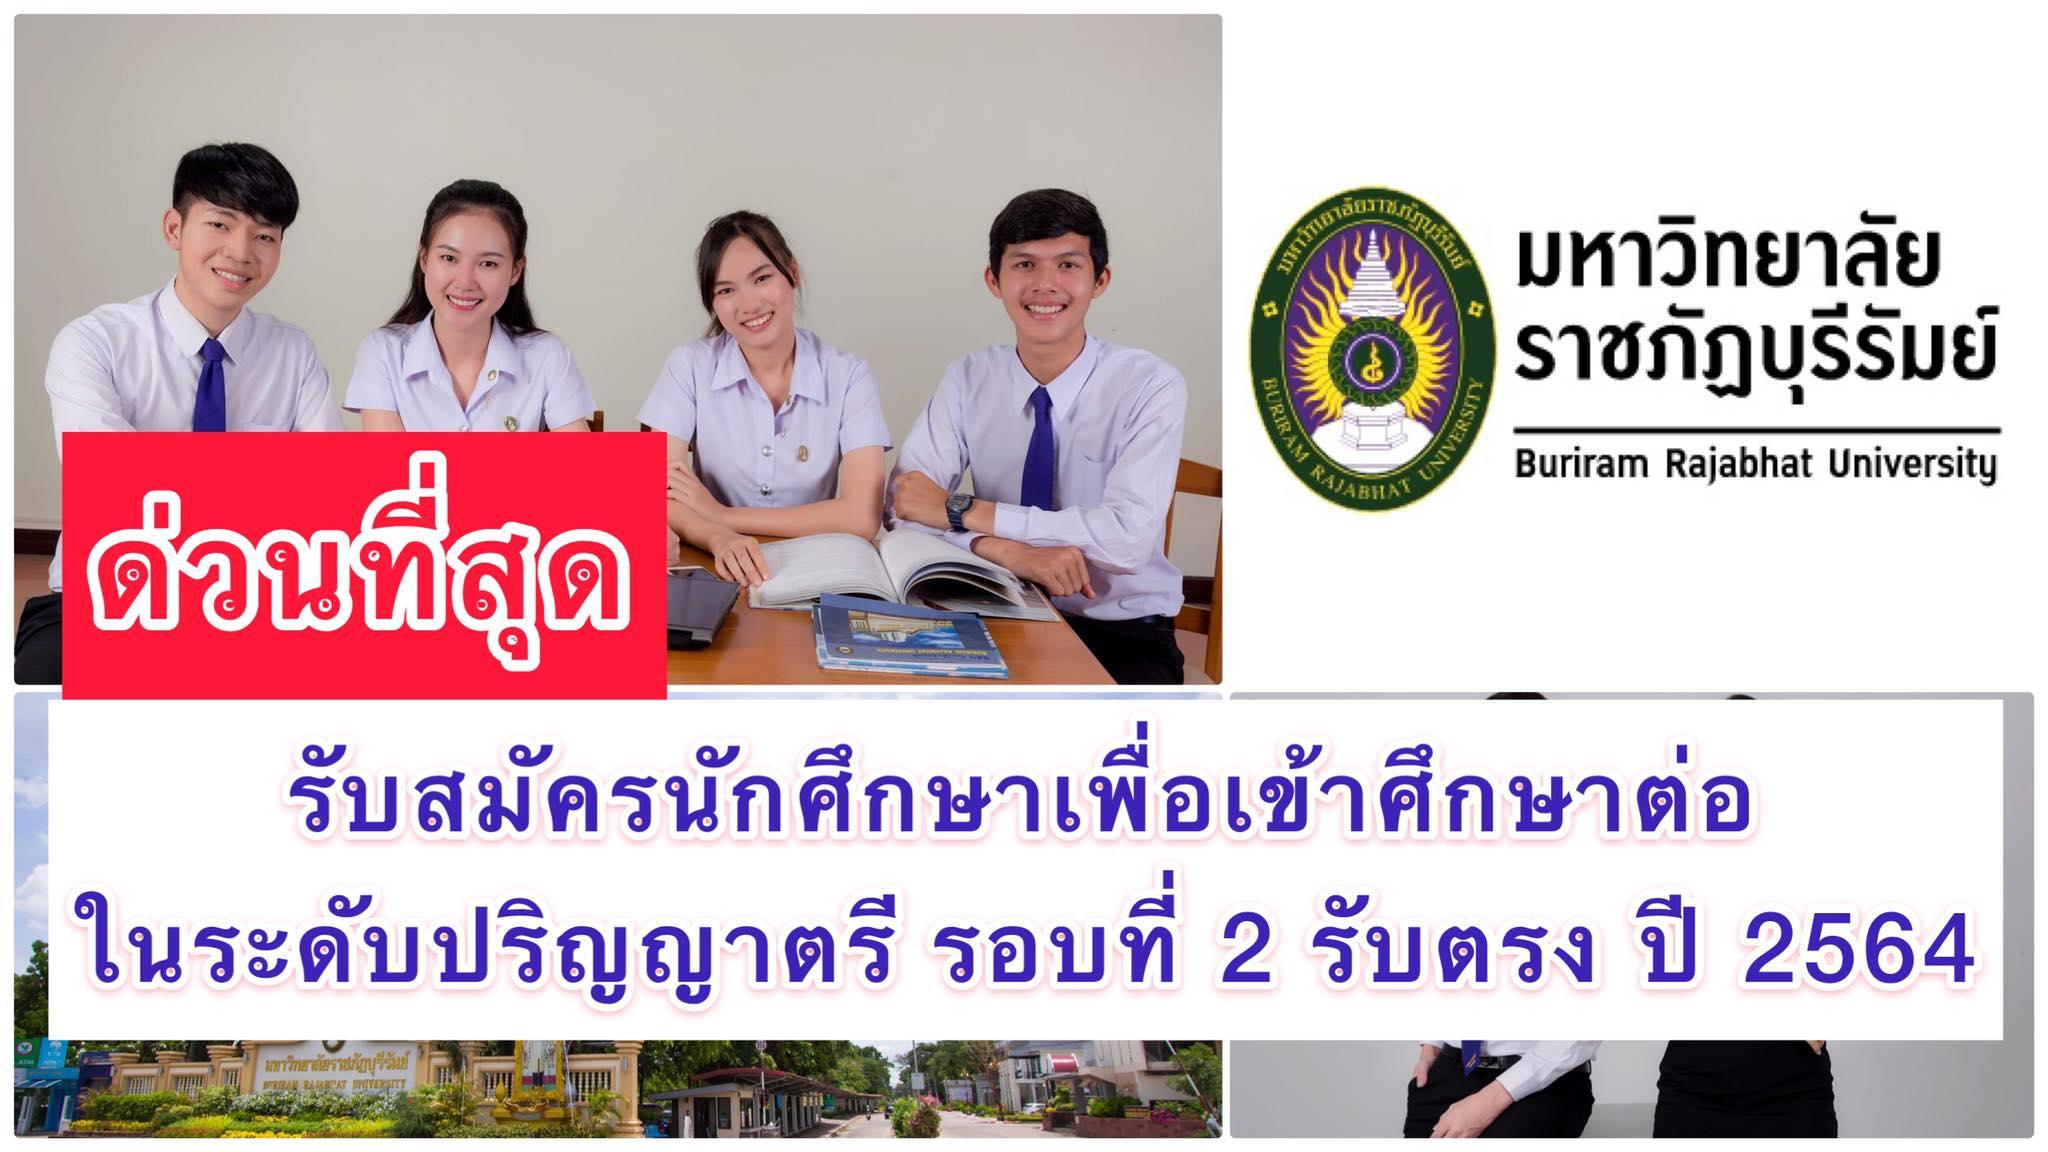 ด่วนที่สุด ประกาศรับสมัครนักศึกษาใหม่เพื่อเข้าศึกษาต่อในระดับปริญญาตรี รอบที่ 2 รับตรง ปี 2564